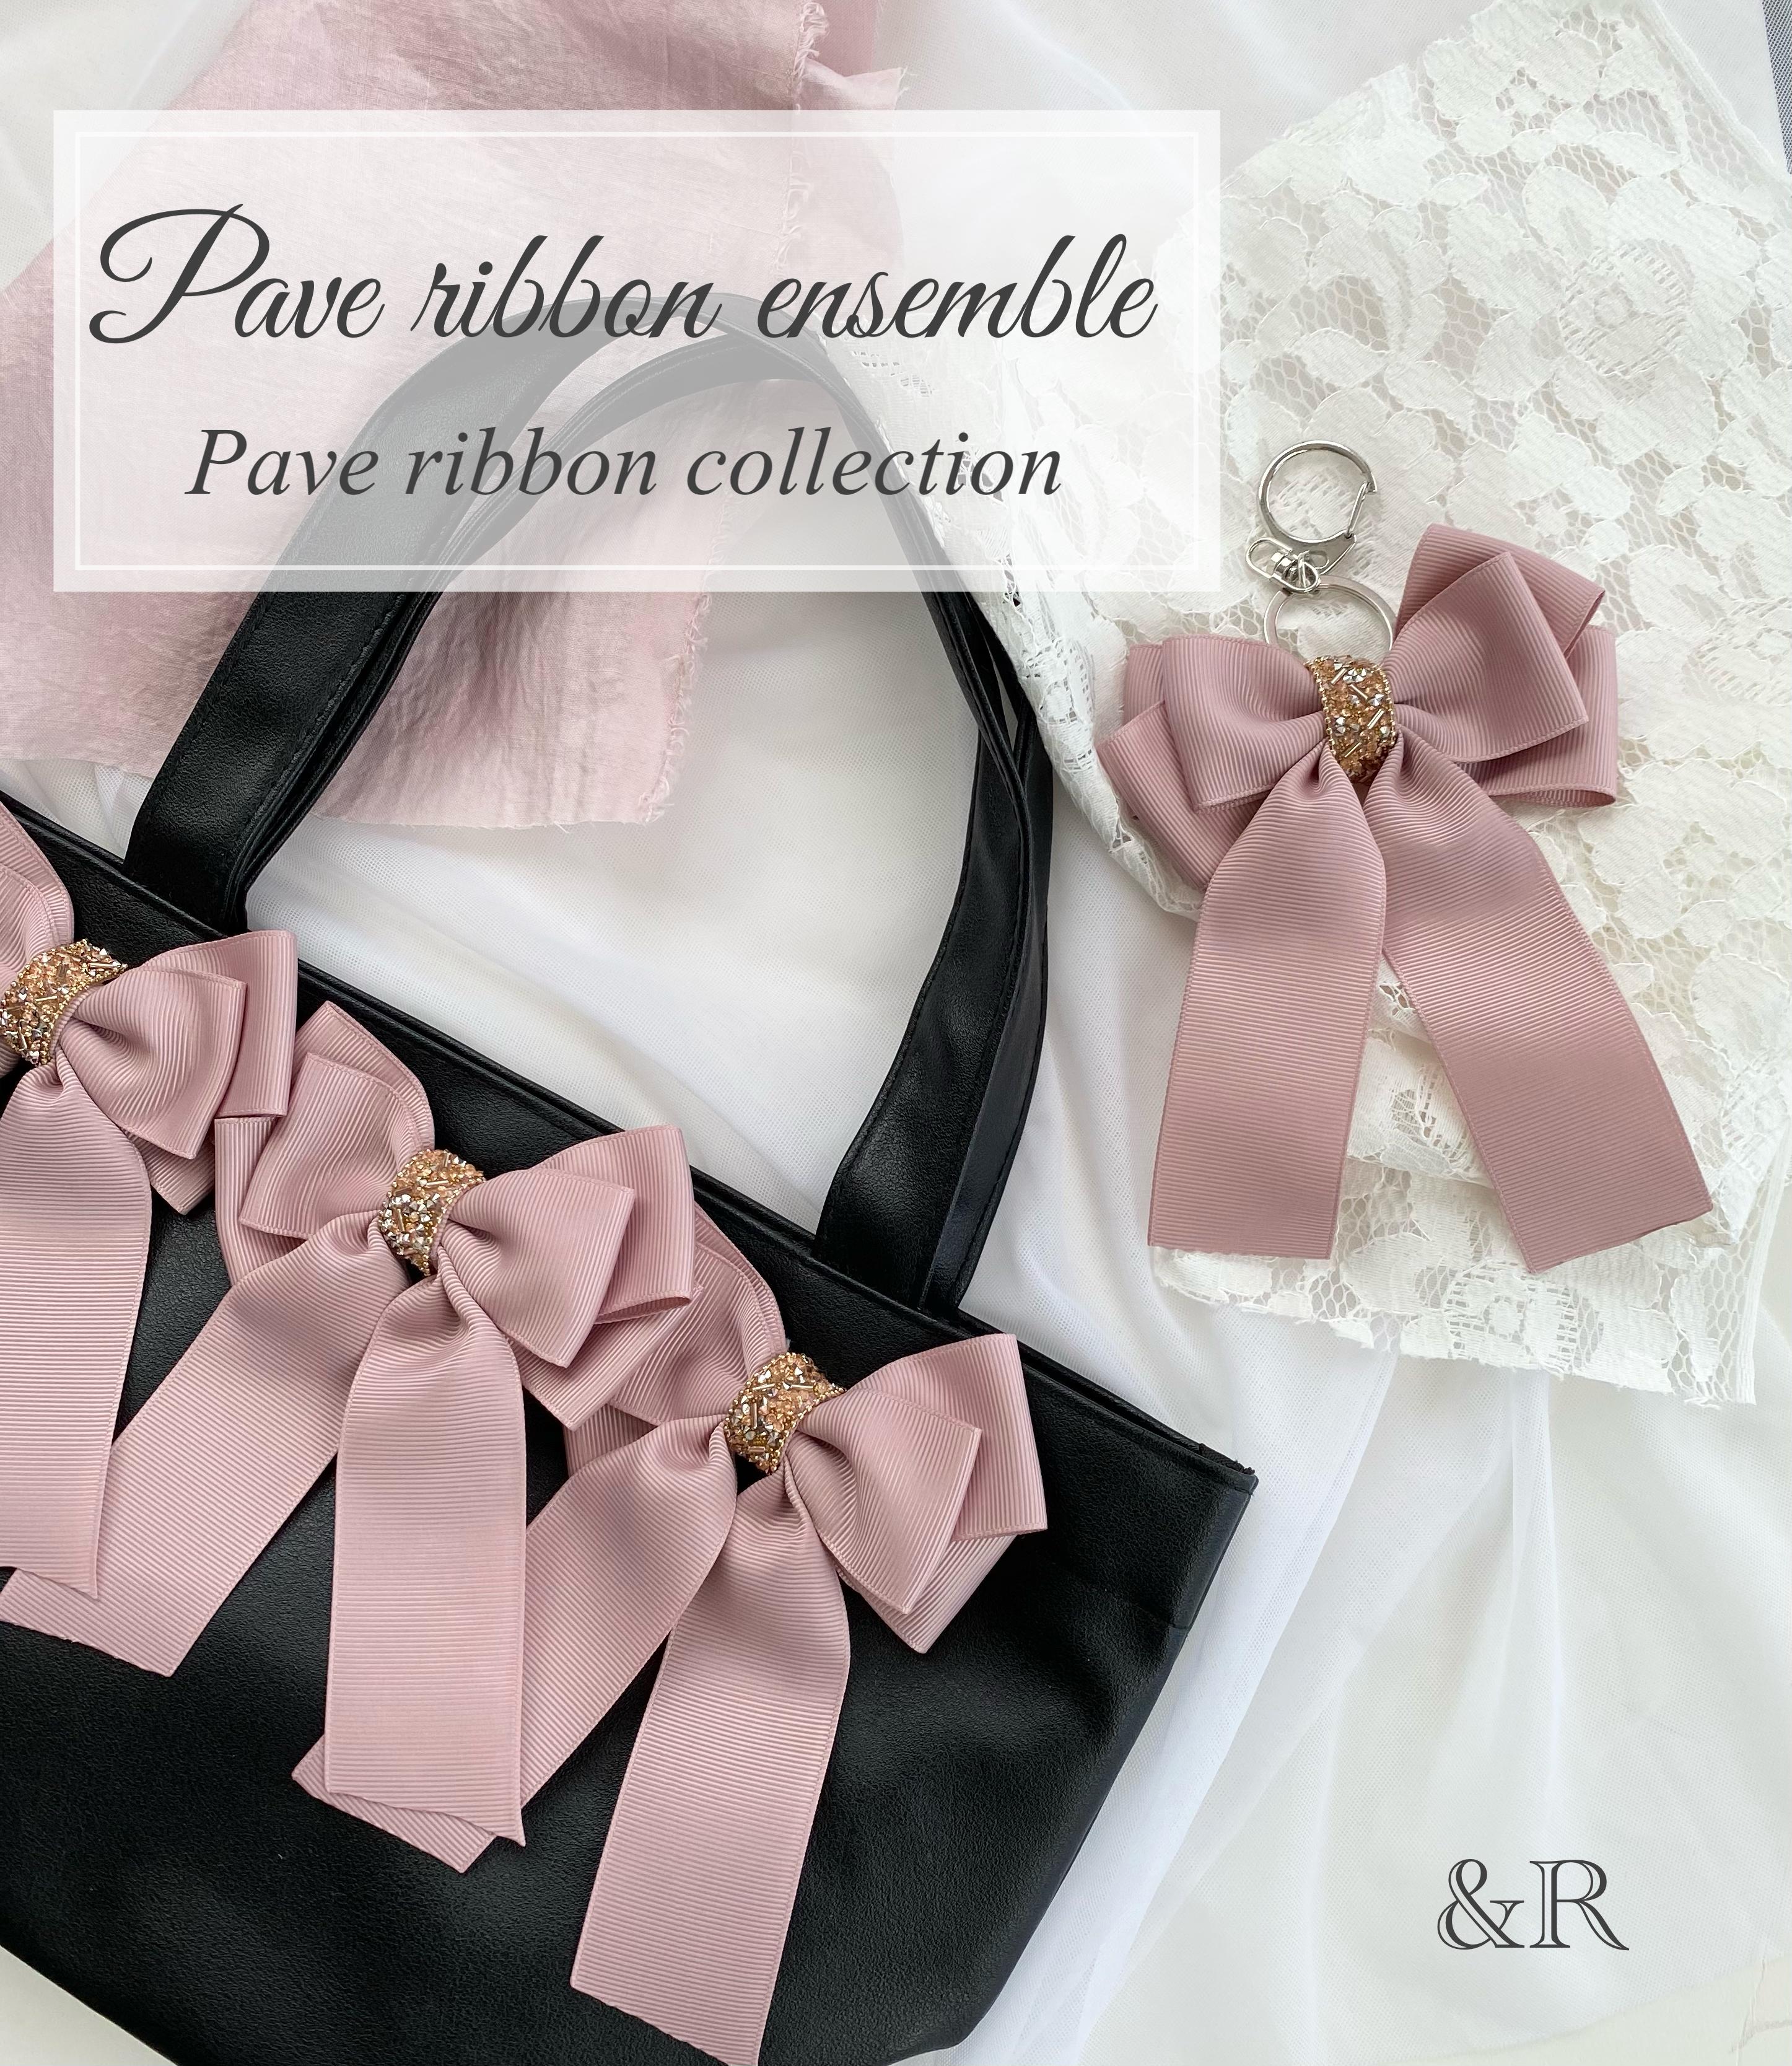 新作⑰Pave ribbon ensemble テキストデータ(PDF)のみ通信